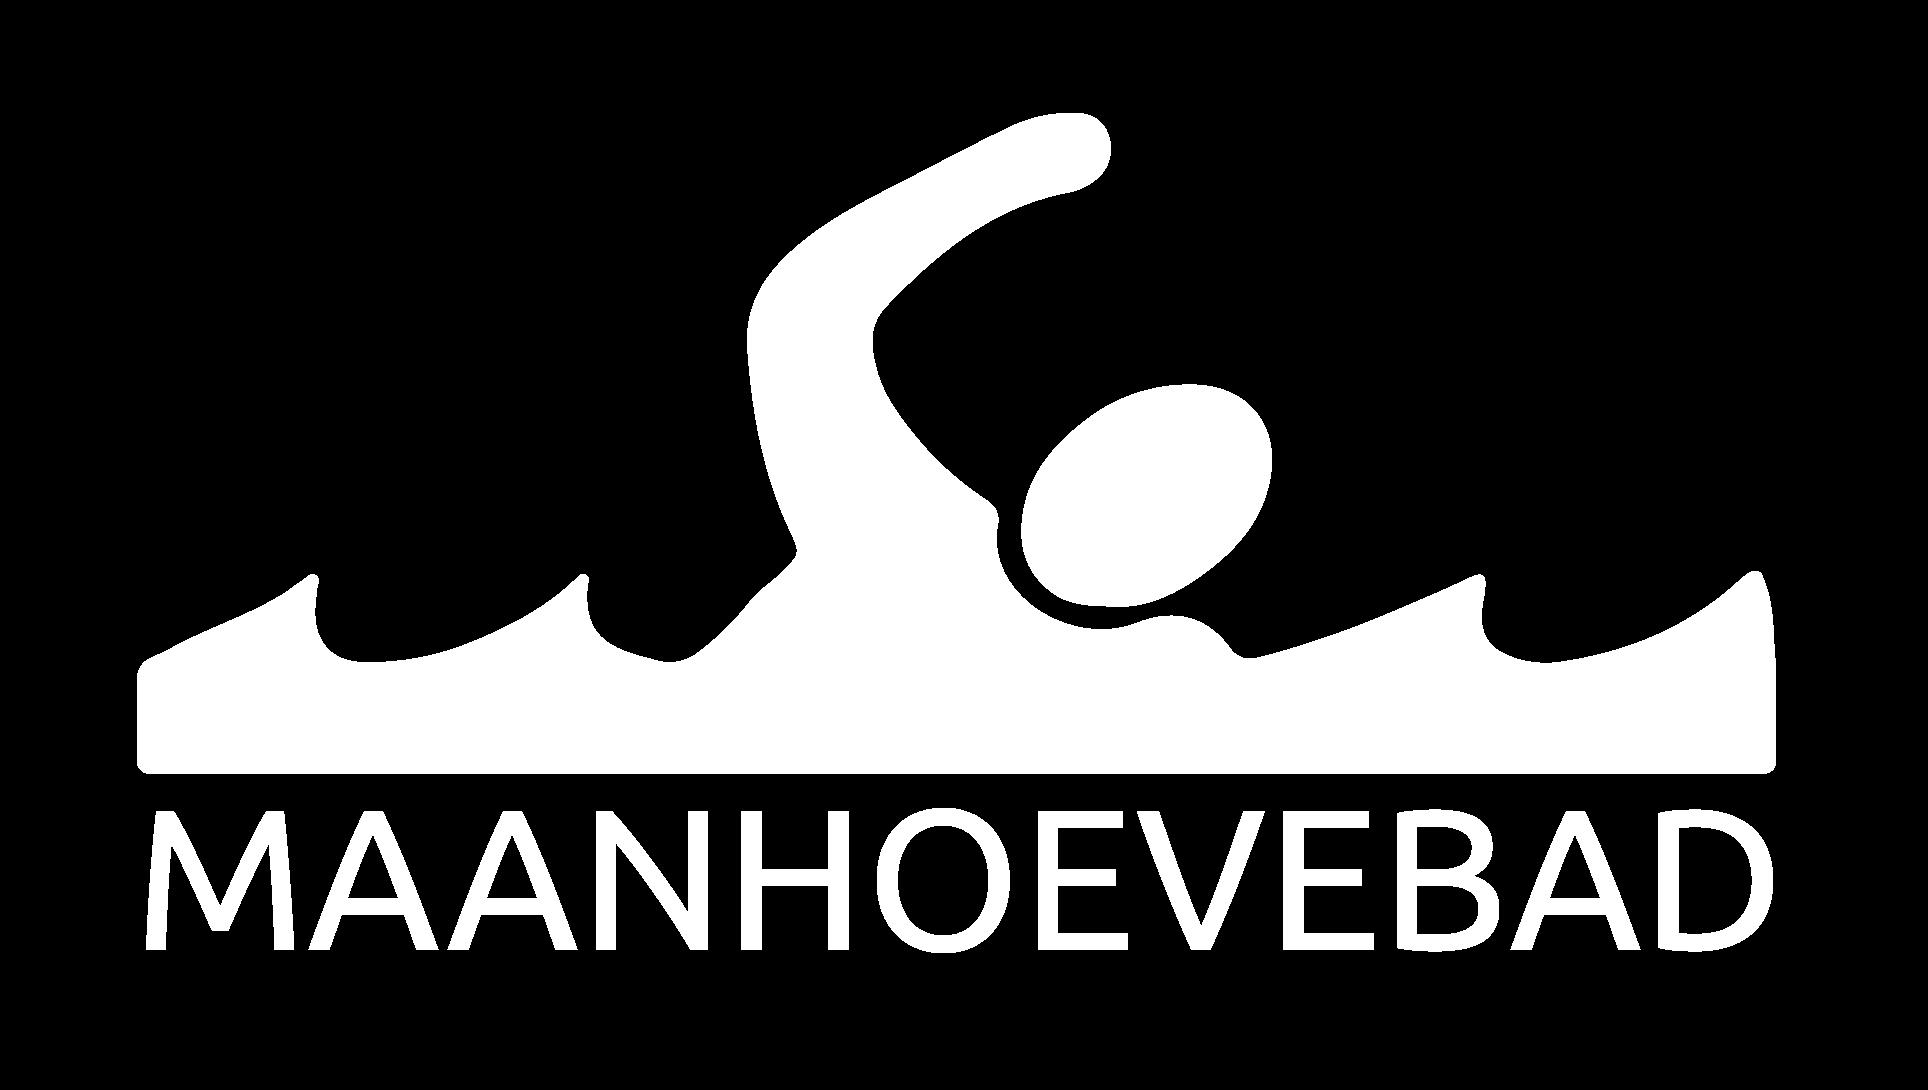 Maanhoevebad